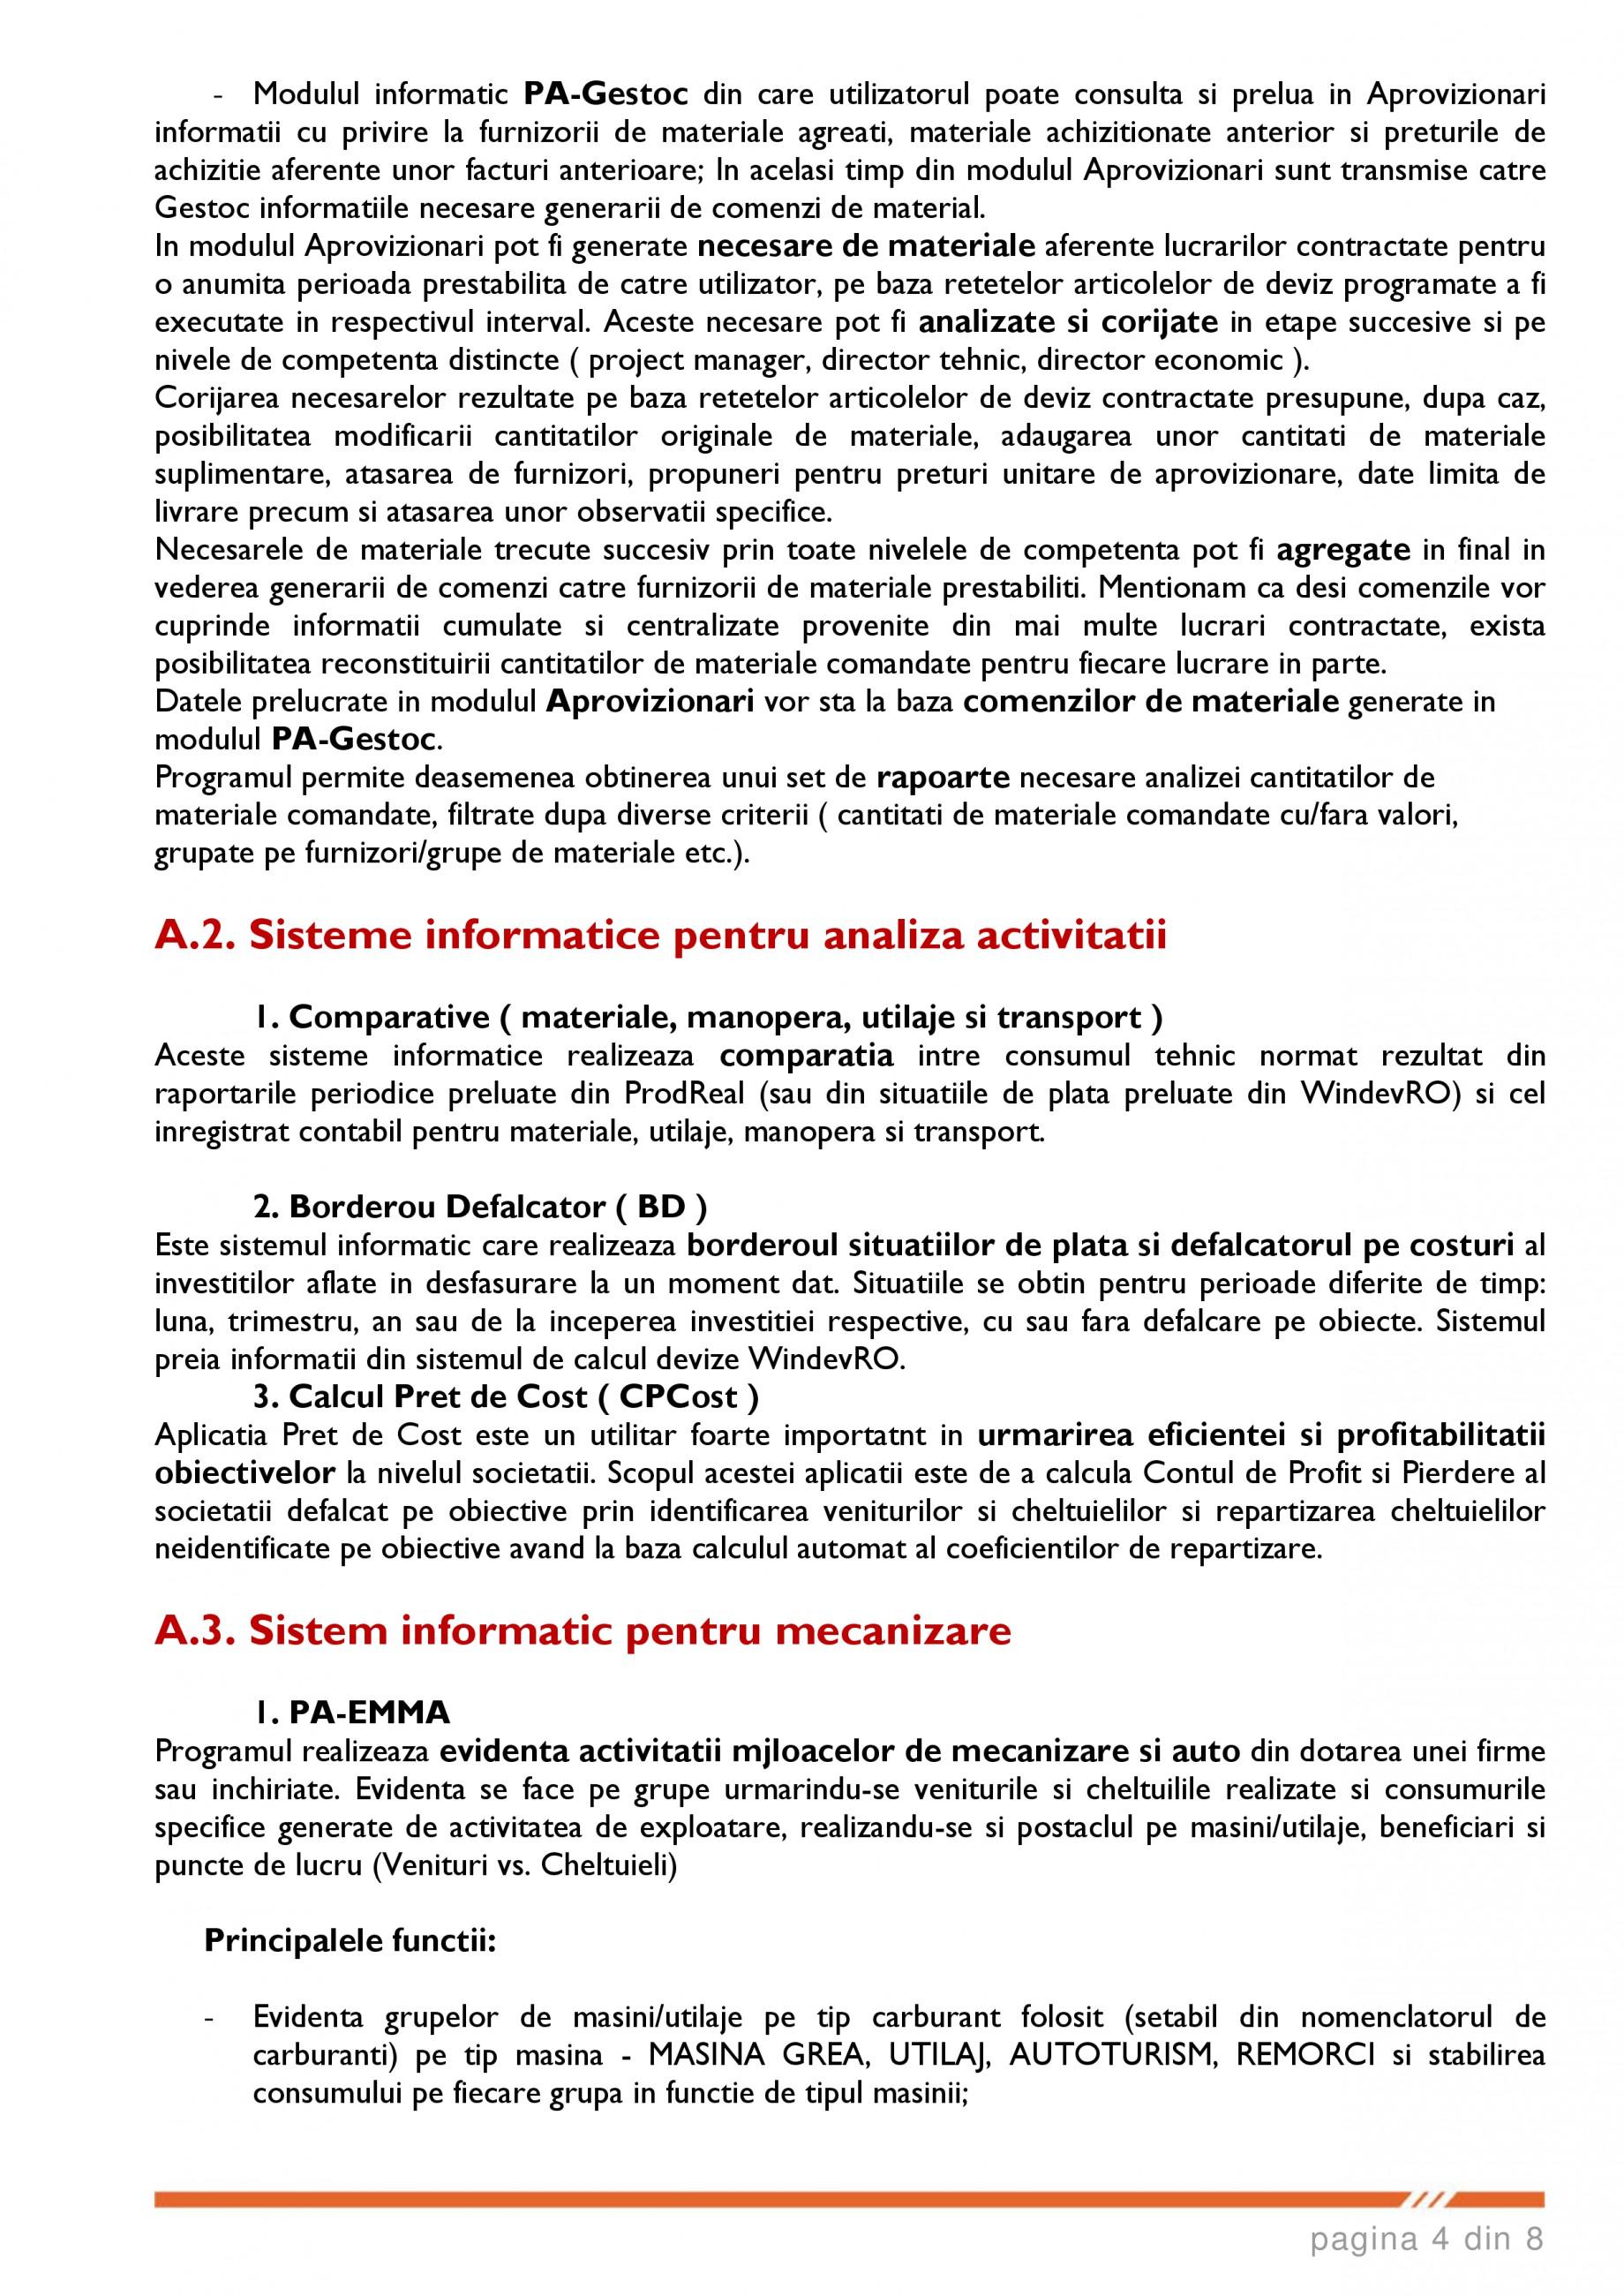 Catalog, brosura SCOP-C - Sistem pentru conducerea si organizarea productiei in constructii si instalatii SOFTEH PLUS Sistemul ERP - Planificarea Resurselor Intreprinderii SOFTEH PLUS  - Pagina 4